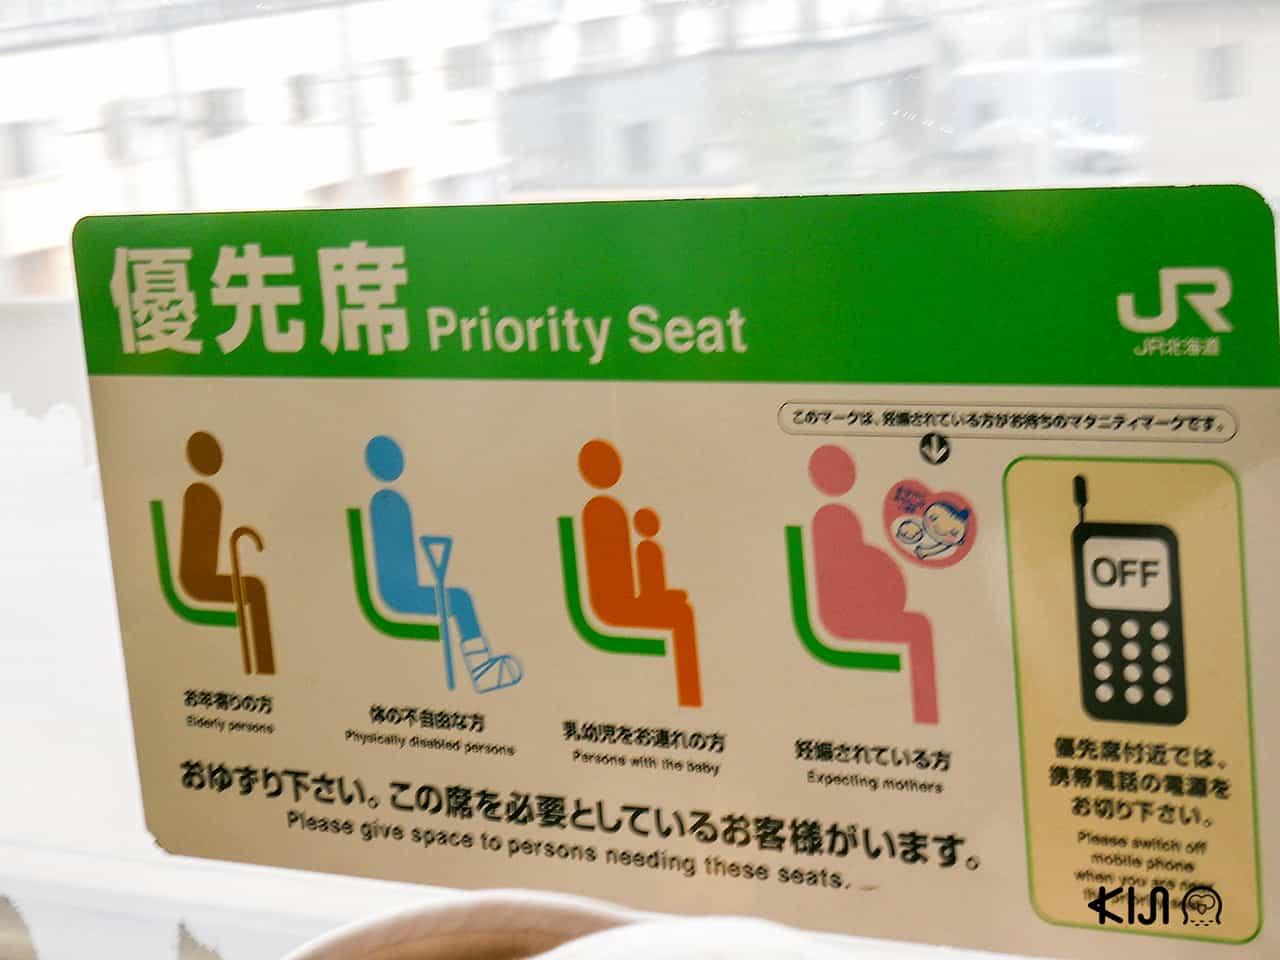 ที่นั่ง Priority Seat ที่ญี่ปุ่น